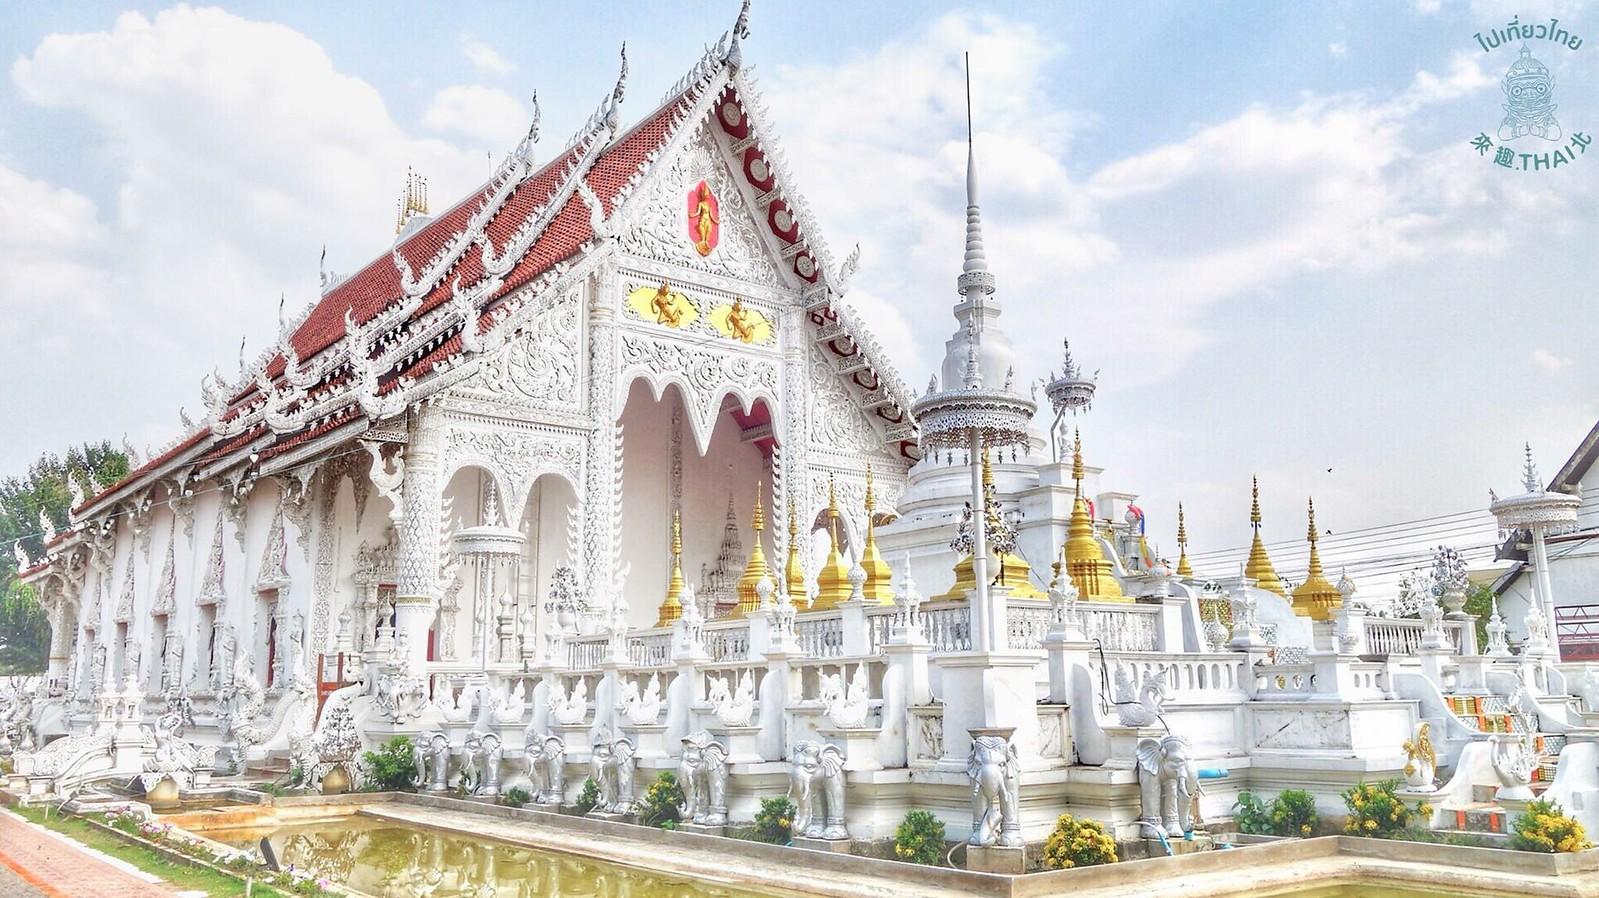 南邦的白廟-清萊寺(วัดเชียงราย)